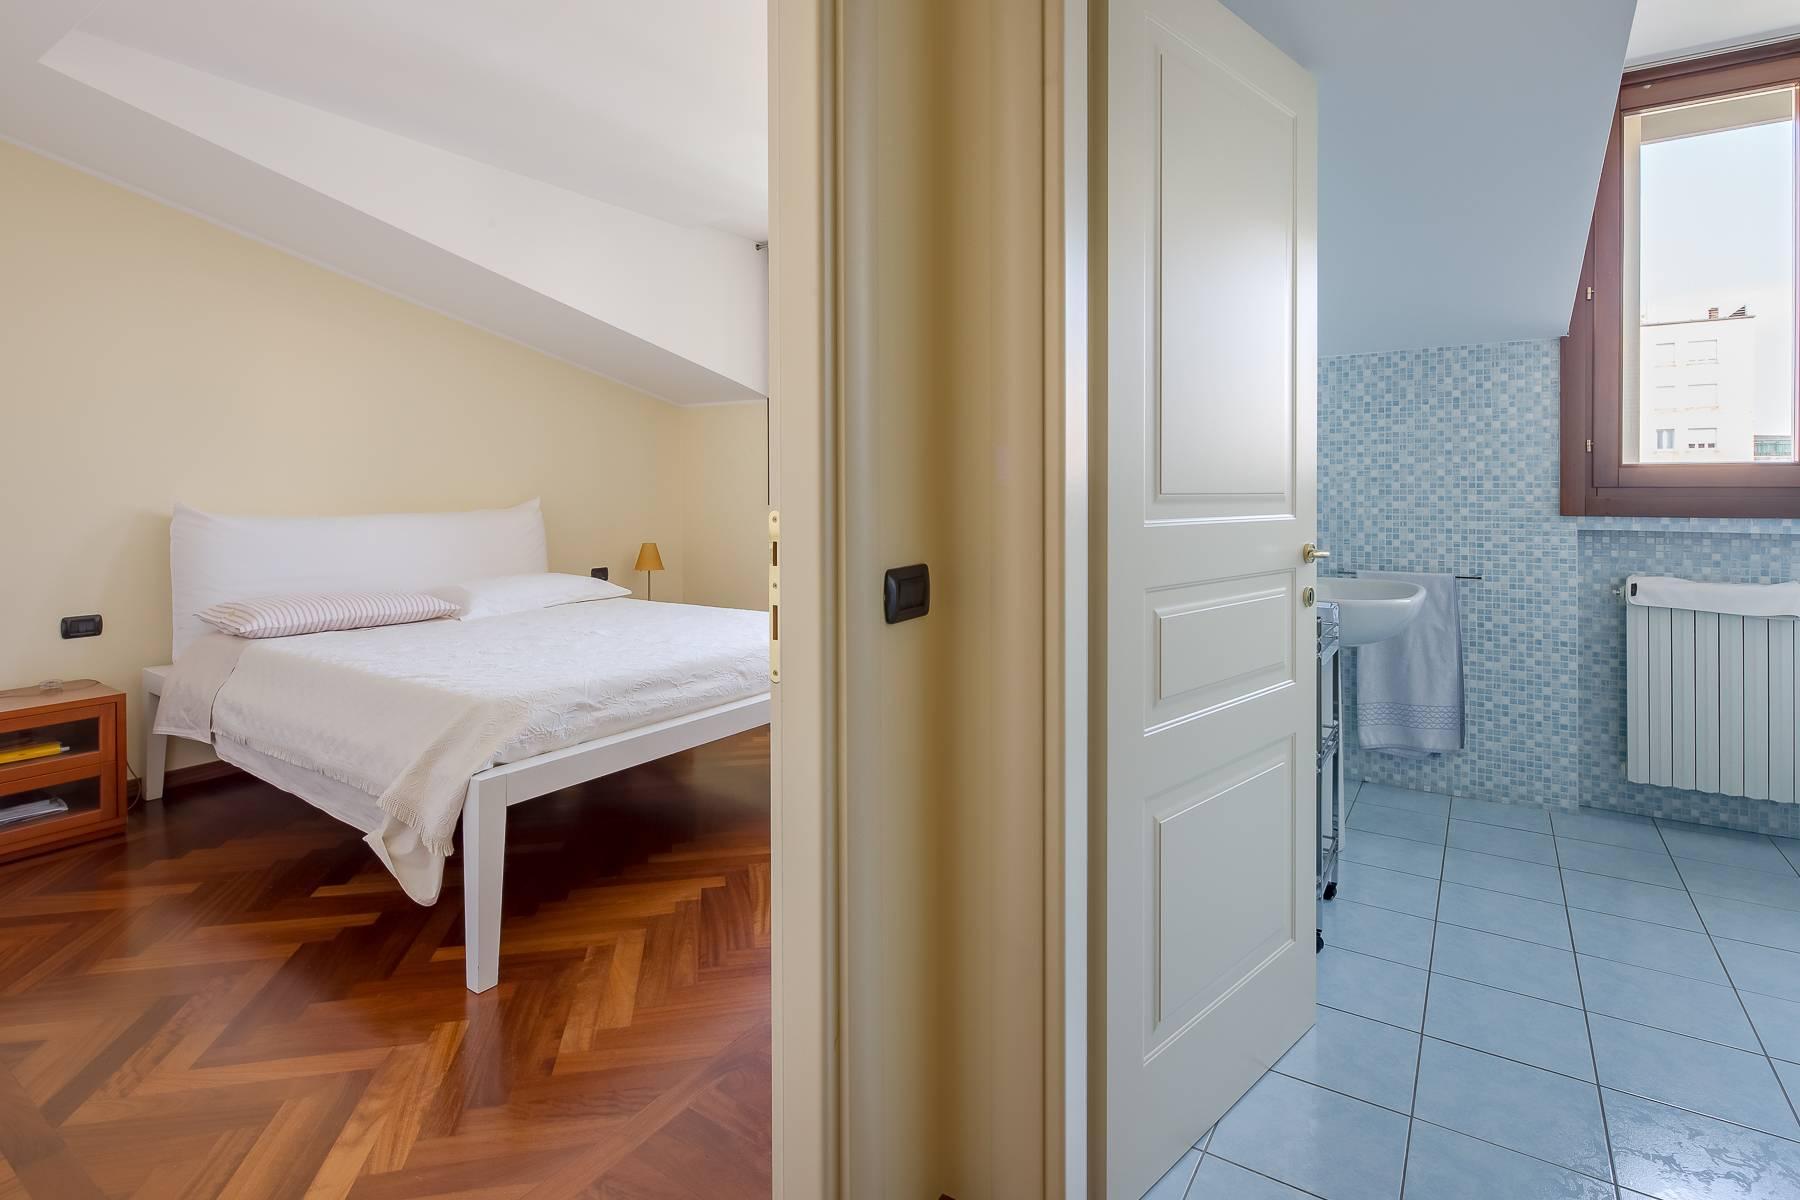 Grazioso appartamento mansardato con 4 camere in Magenta - 8